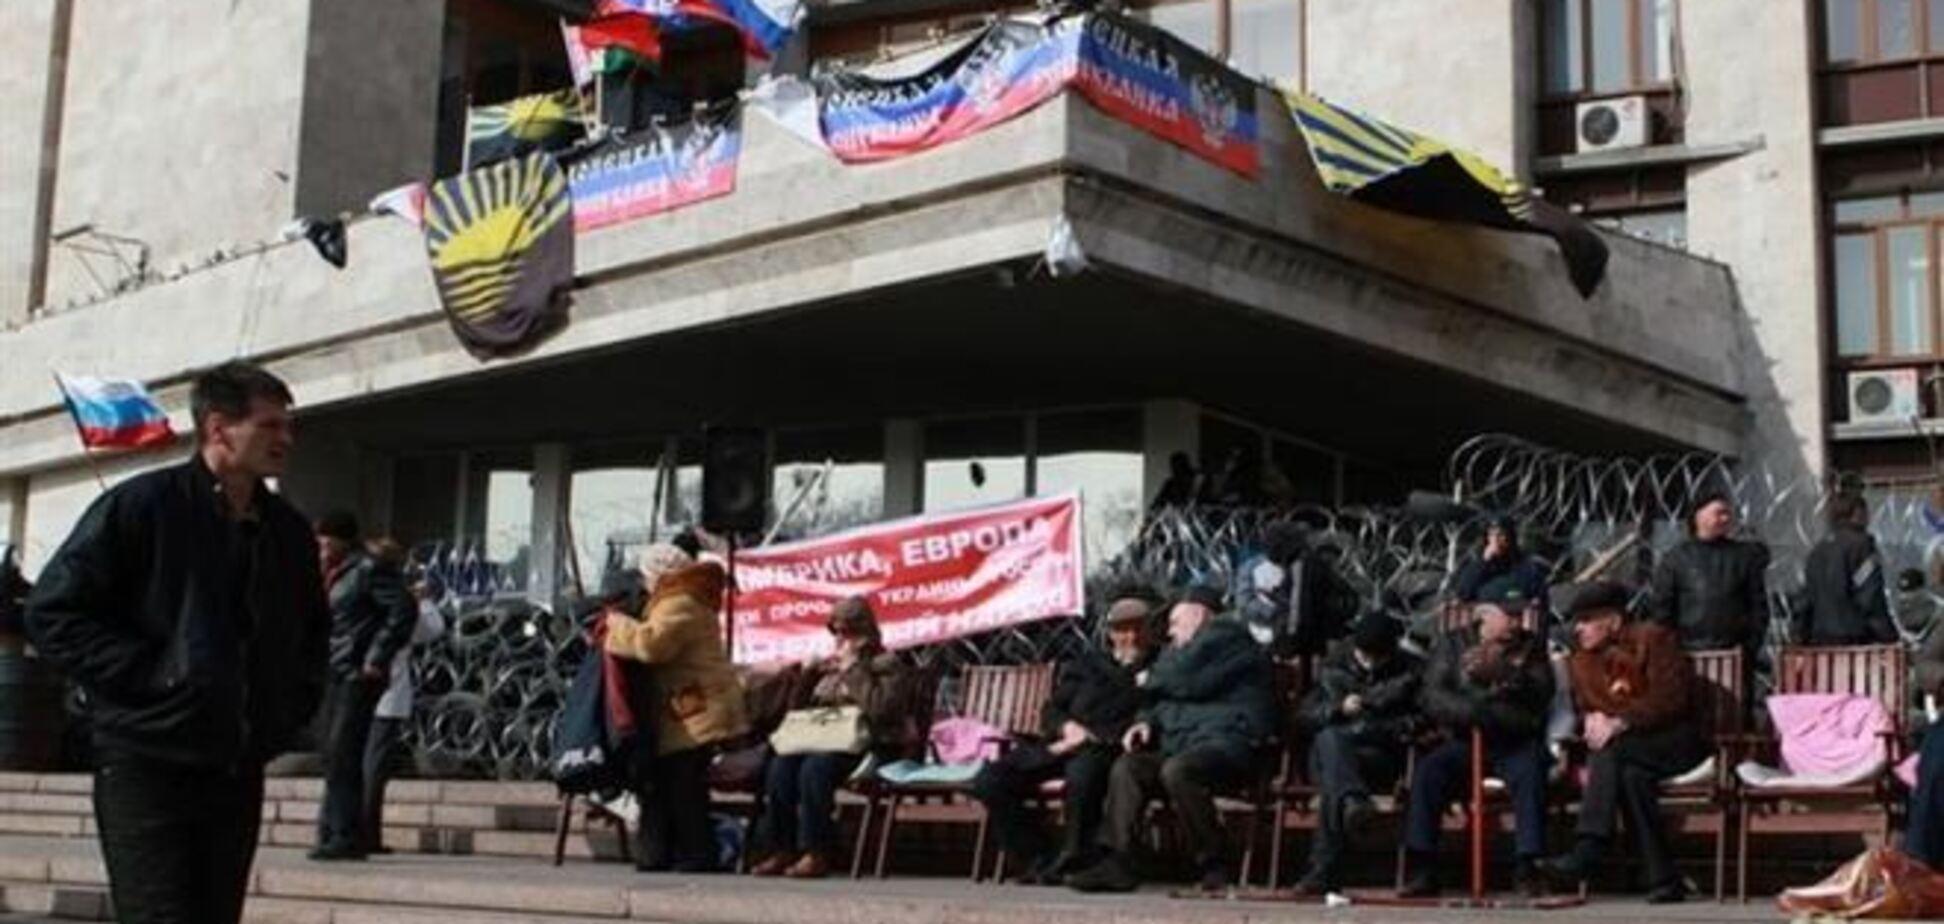 Сепаратисты объявили о создании Донецкой народной республики и о референдуме